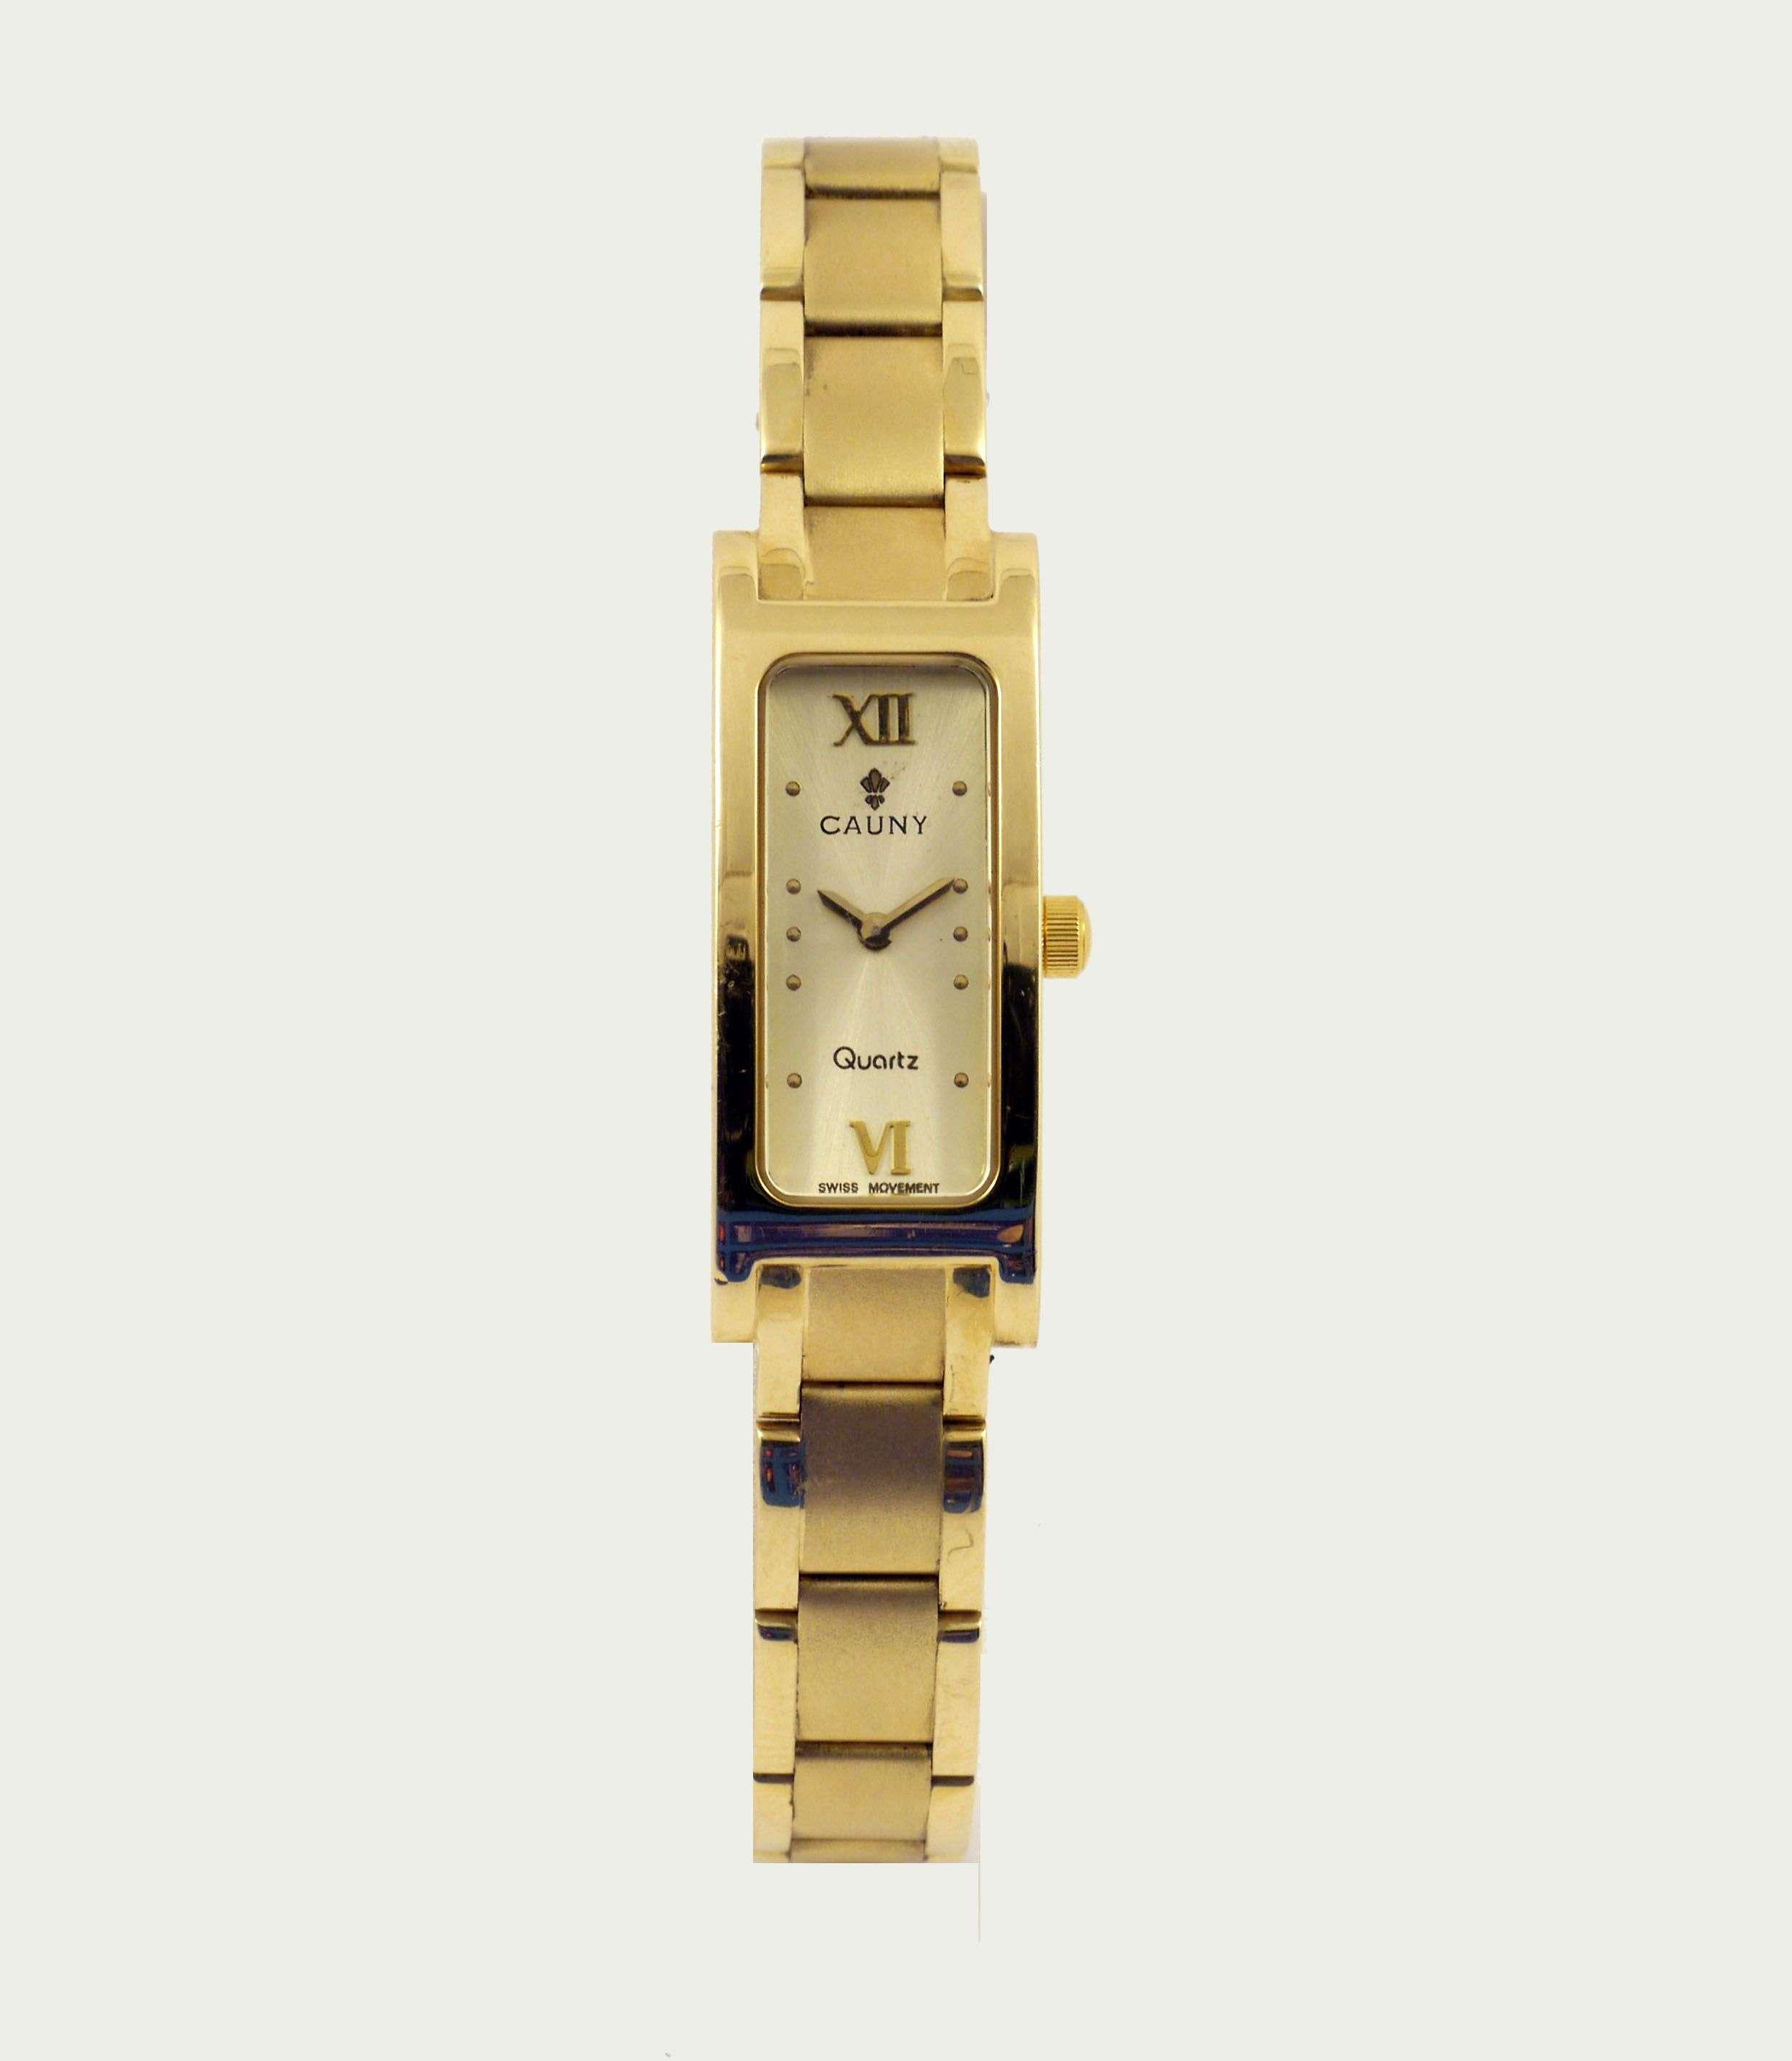 reloj cauny oro de mujer